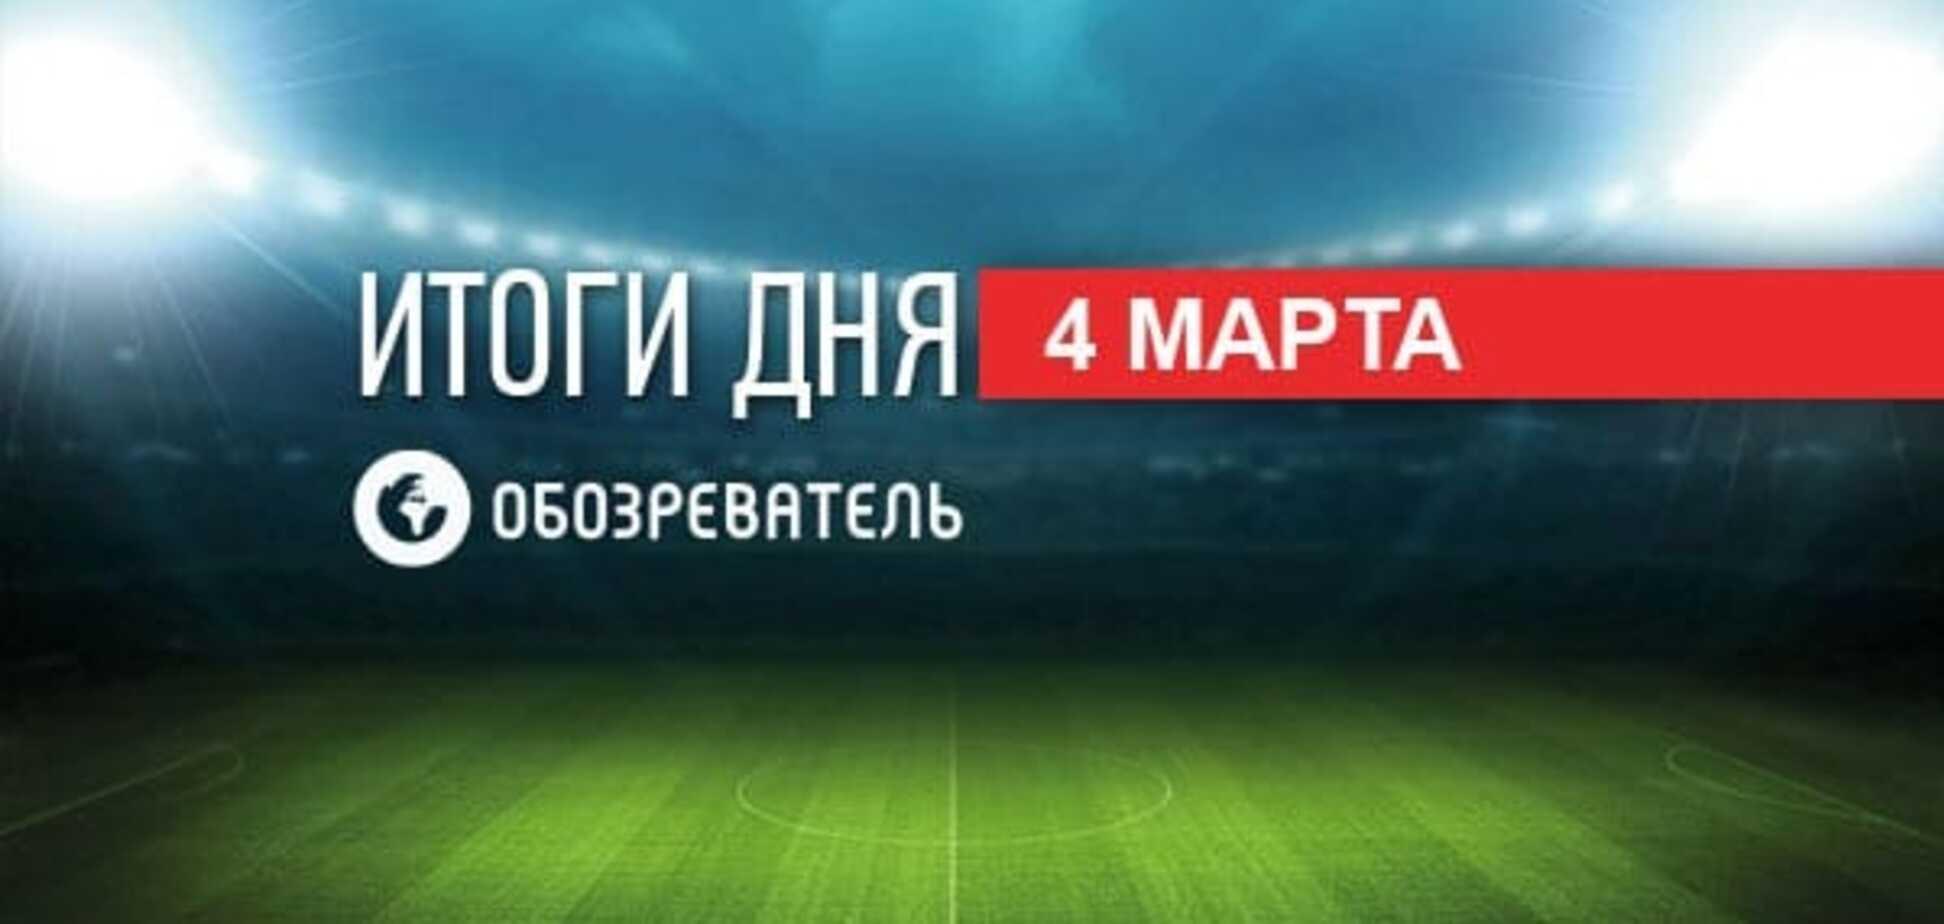 Українець побив чемпіона Чеченської Республіки. Спортивні підсумки 4 березня